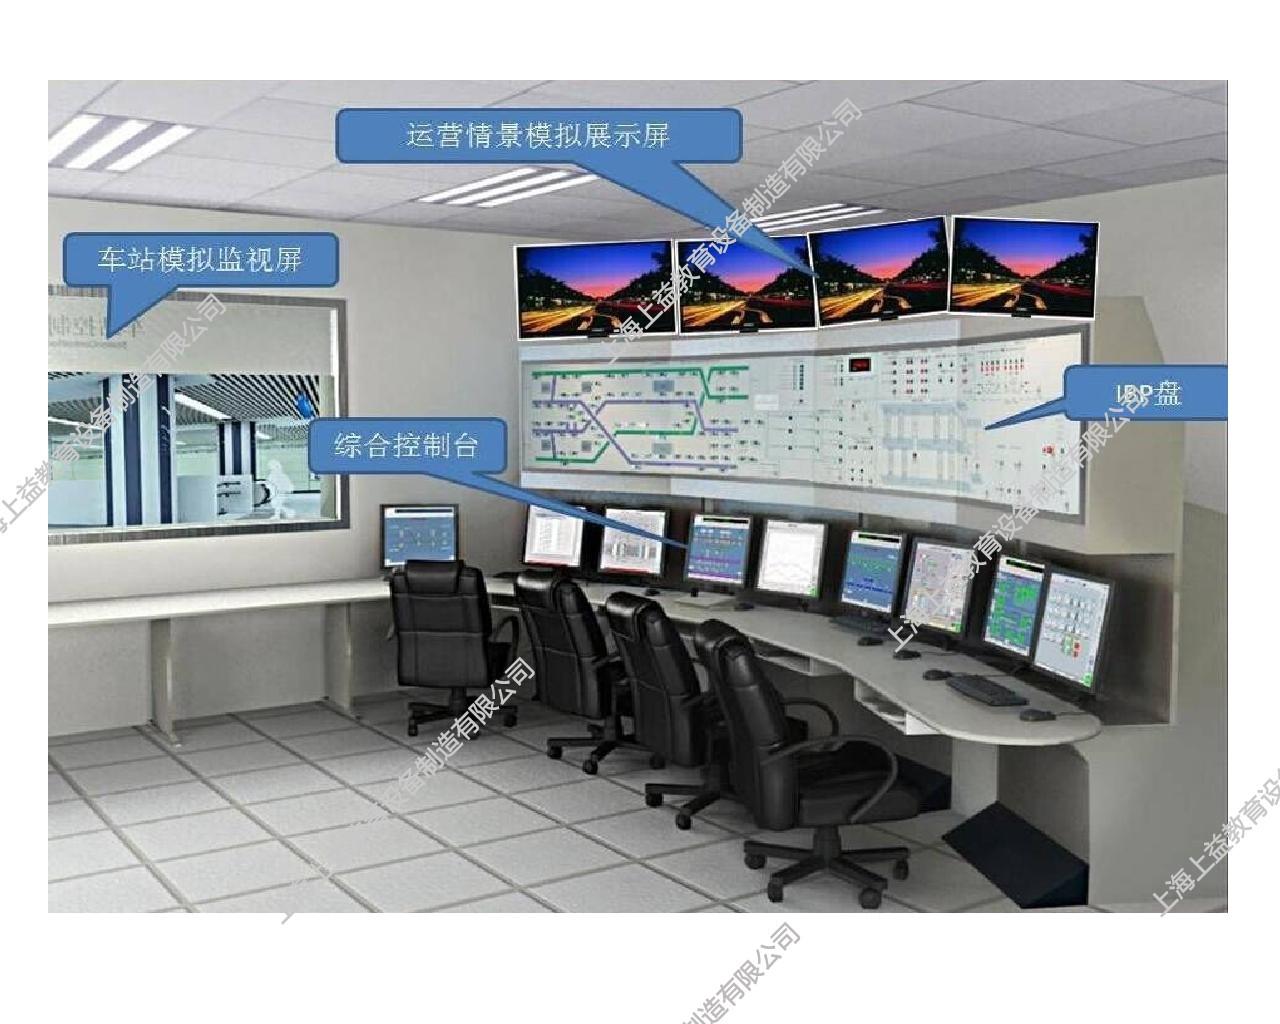 城市轨道交通综合仿真wwwlehu8vip系统 三、车站综合控制室IBP盘模拟监控wwwlehu8vip系统